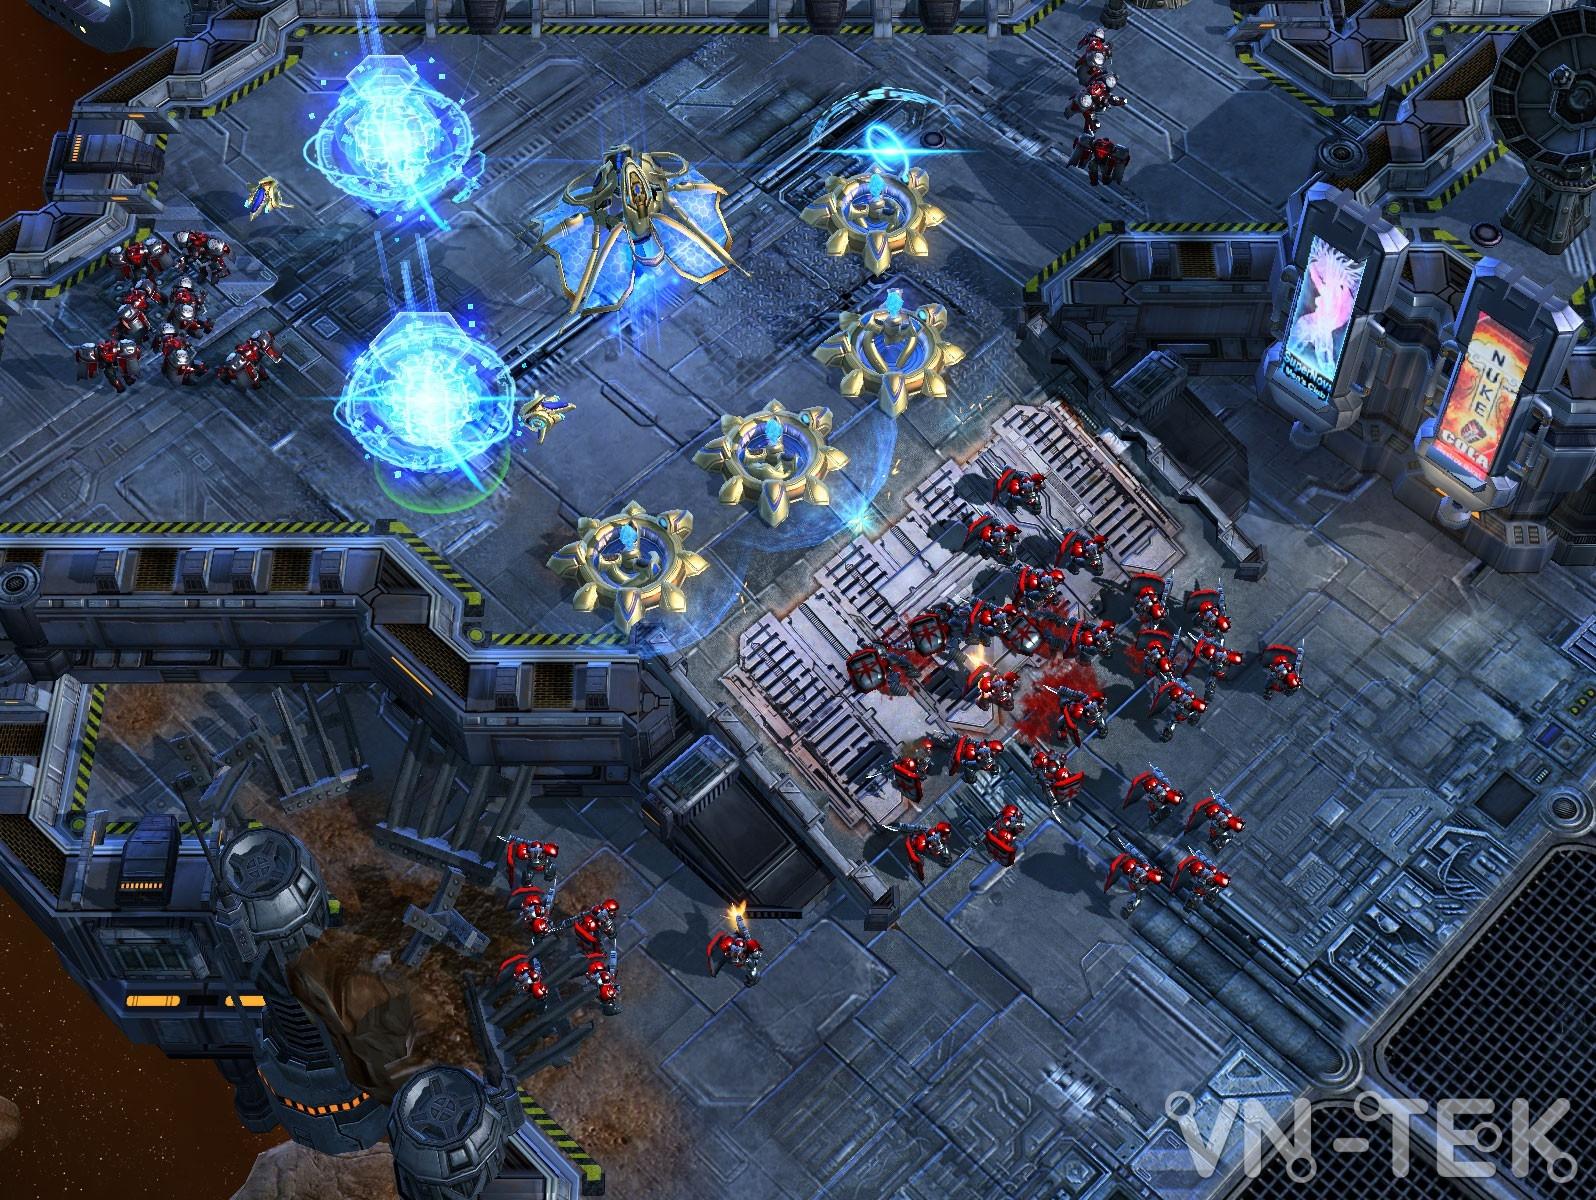 starcraft 2 cho choi mien phi 4 - StarCraft 2 cho chơi miễn phí sau 7 năm ròng rã